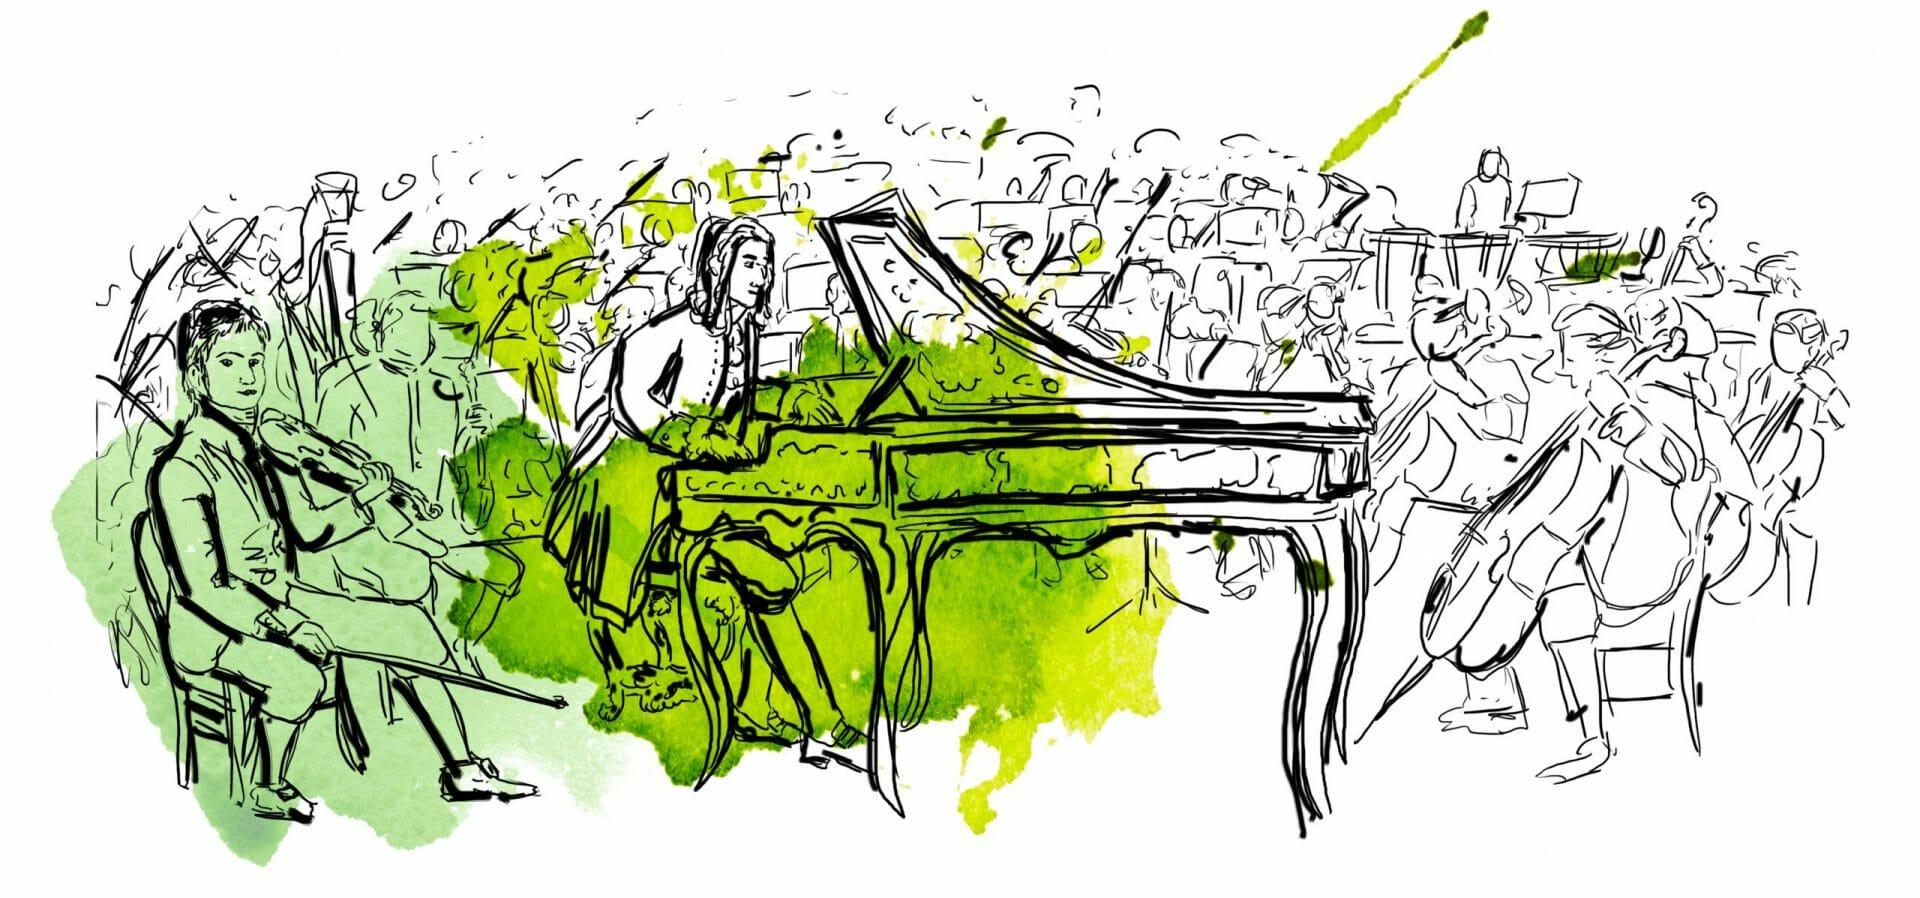 In der Mitte des Bildest sitzt ein Musiker an einem Cembalo, um ihn herum eine Hofkapelle.